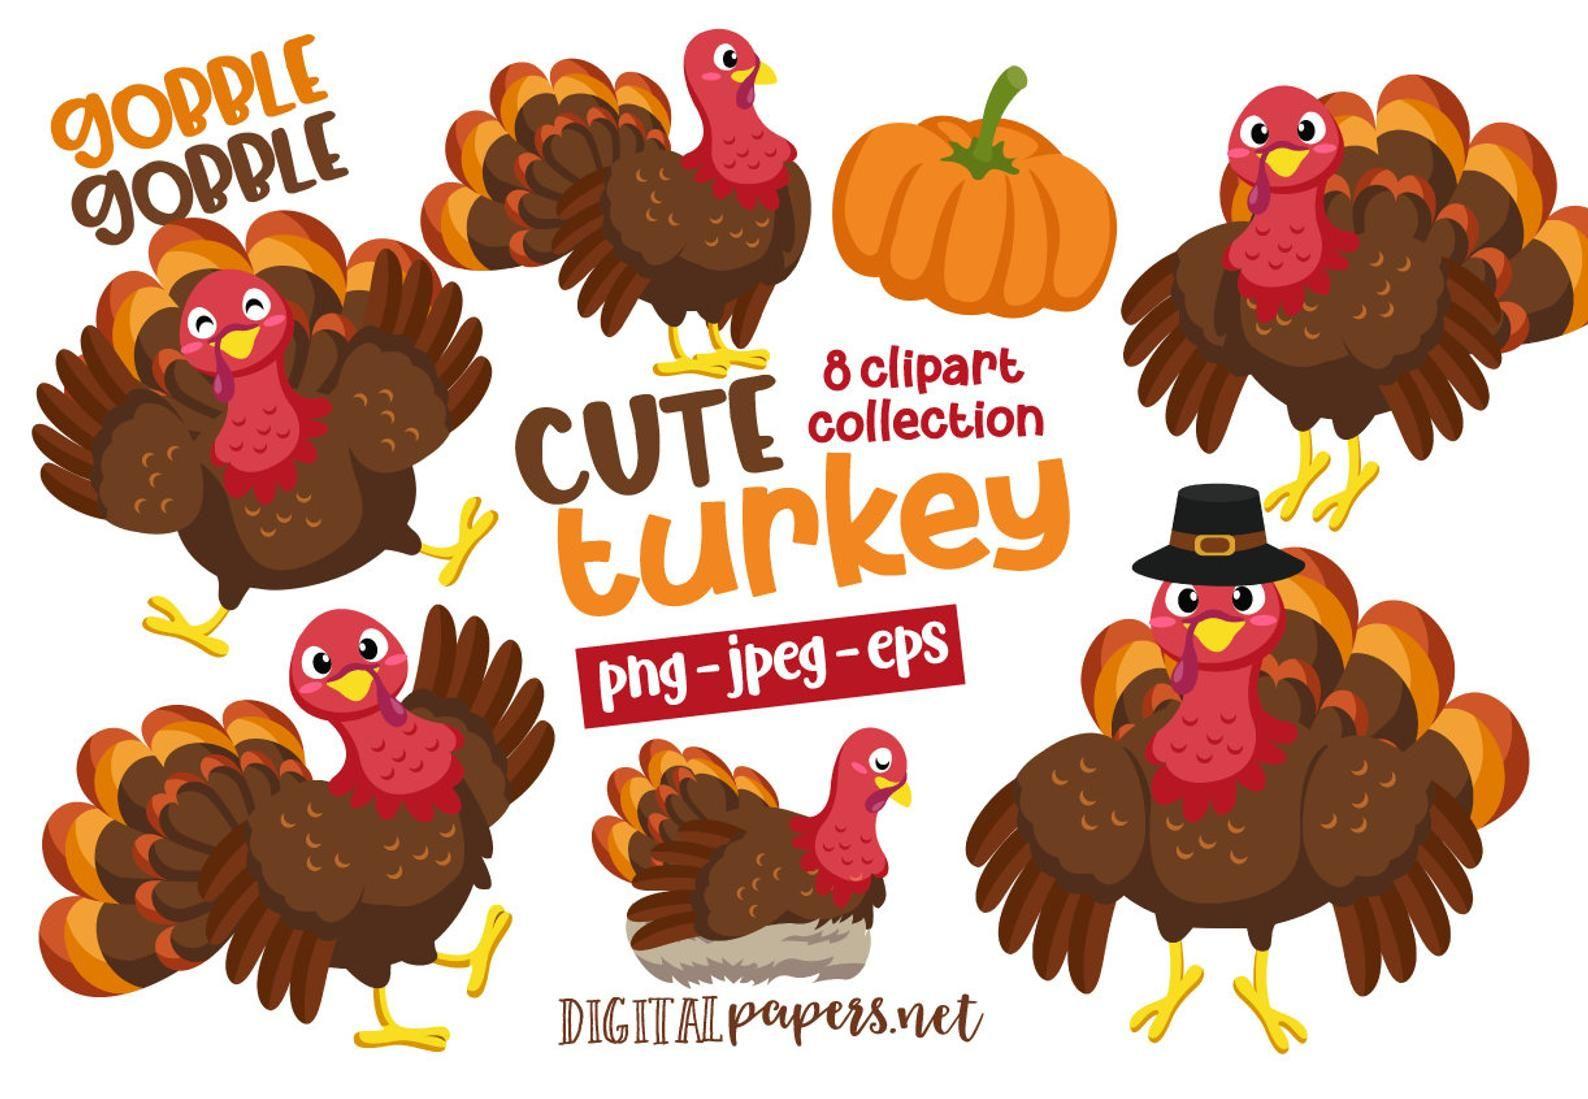 Turkey Clipart Thanksgiving Clipart Turkey Day Cute Turkey Etsy Clip Art Turkey Clip Art Turkey